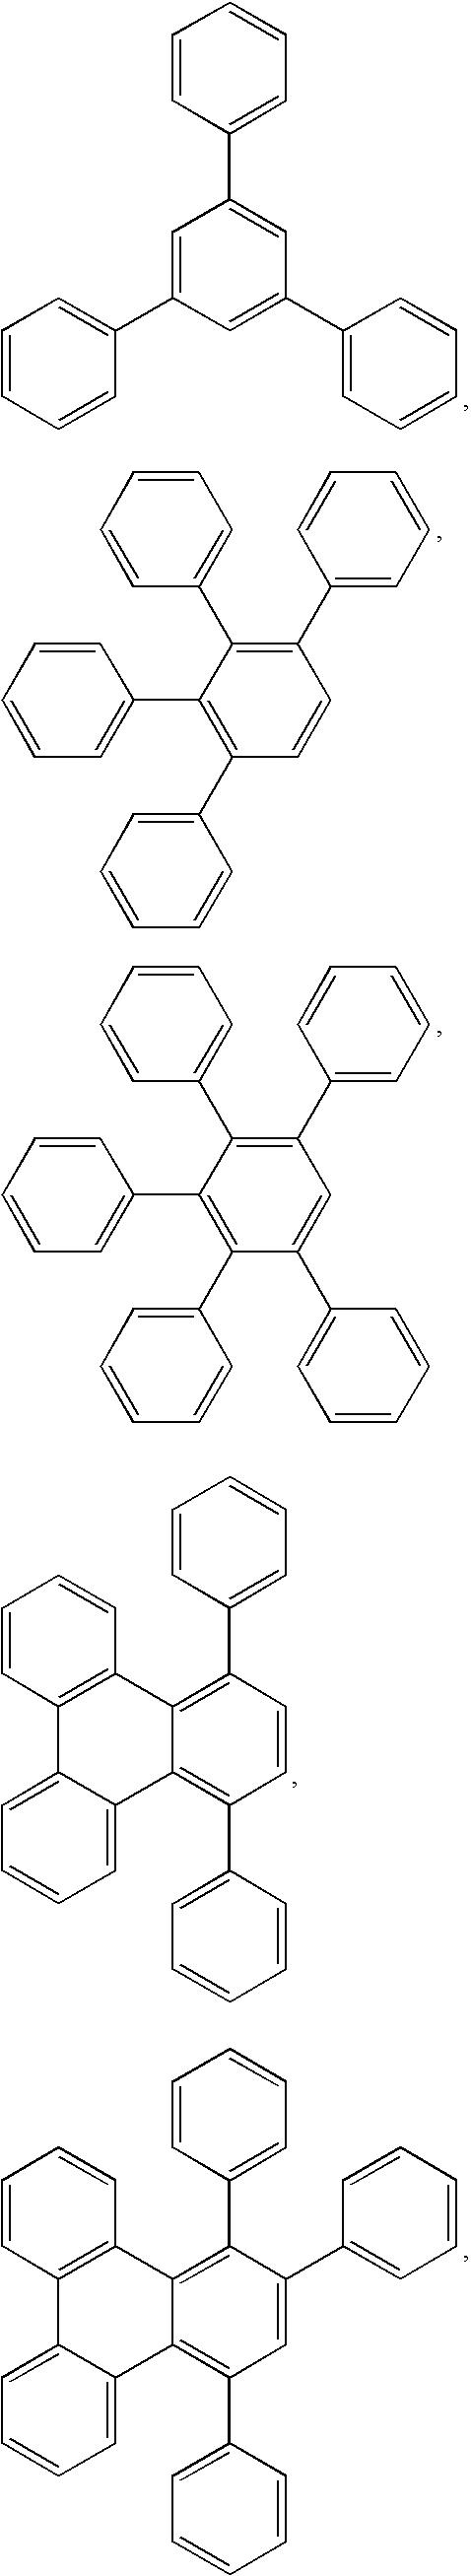 Figure US07192657-20070320-C00029